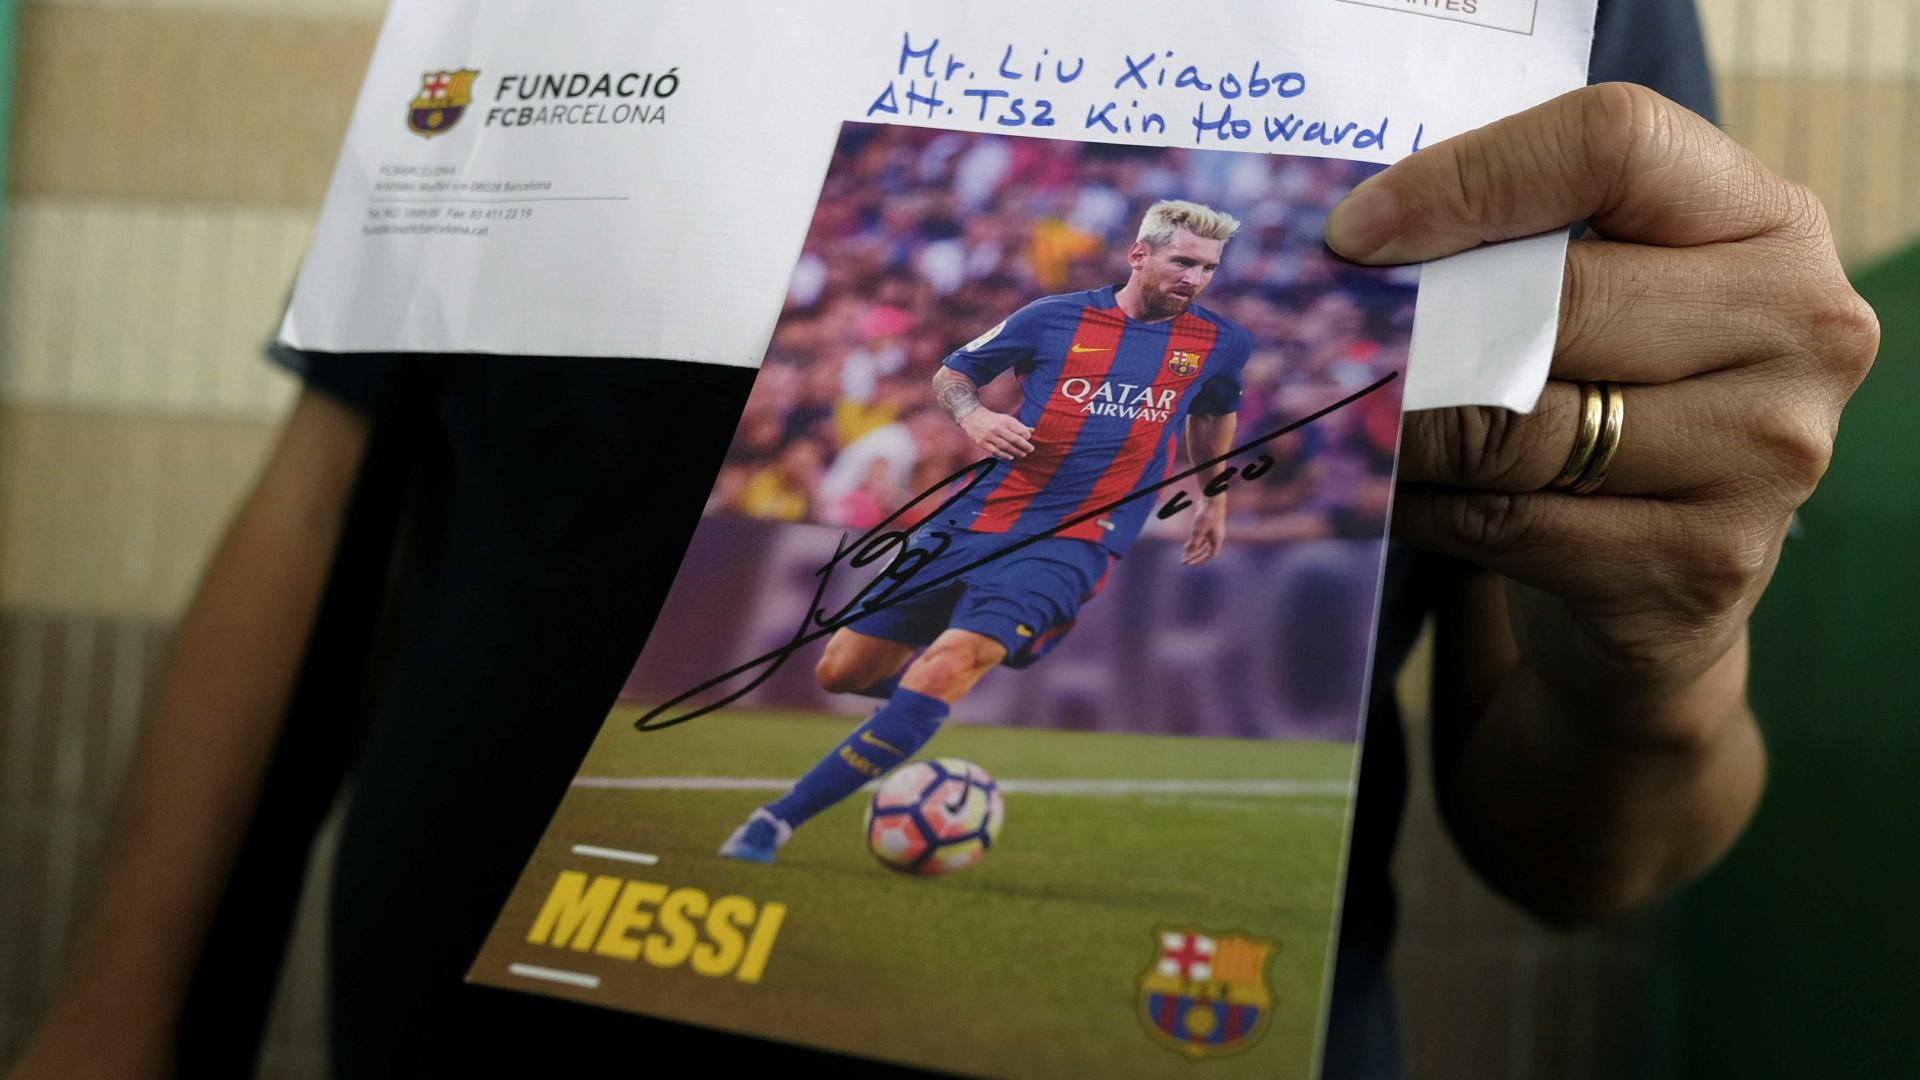 Ativista acusa China de lhe ter agrafado as pernas devido a foto de Messi